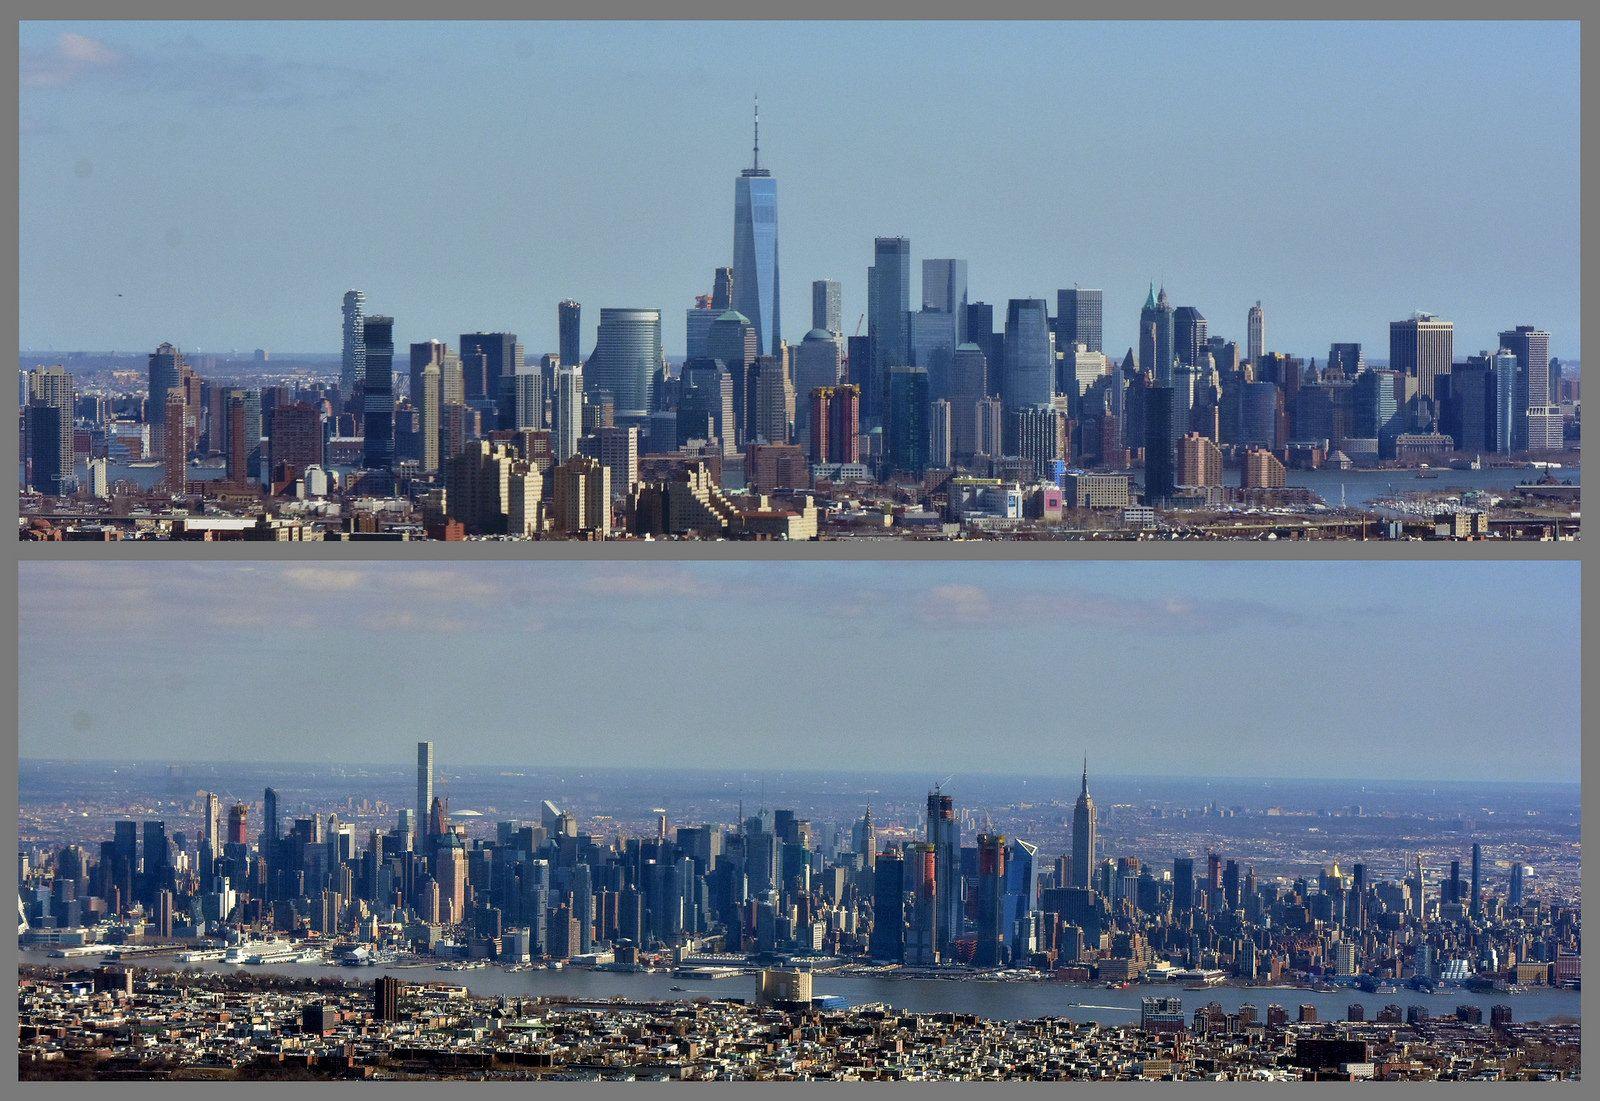 New york city jersey city san francisco skyline